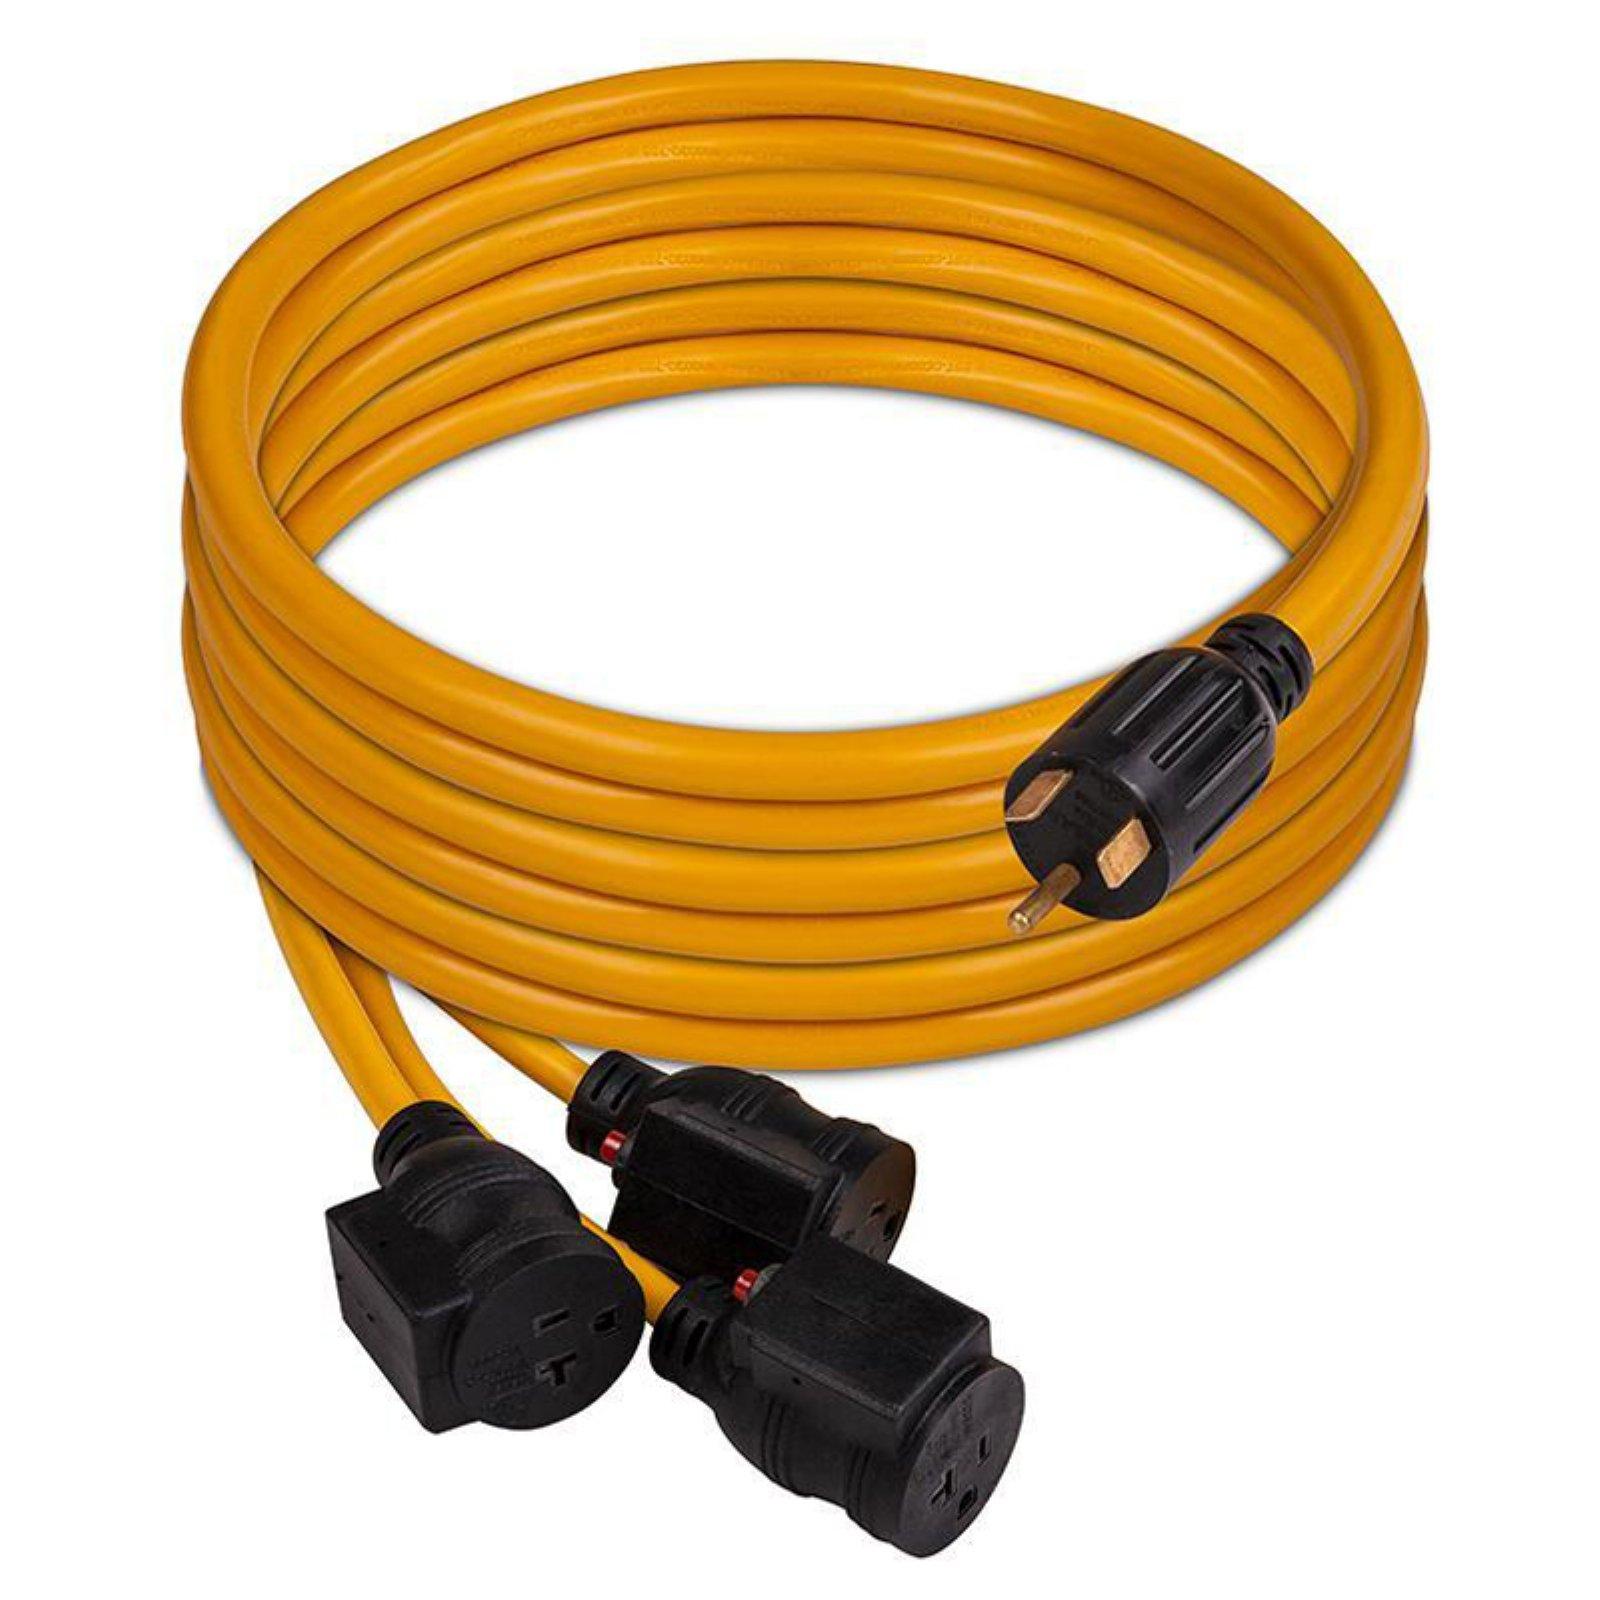 Firman Power Equipment 30 AMP Generator Power Cord for TT